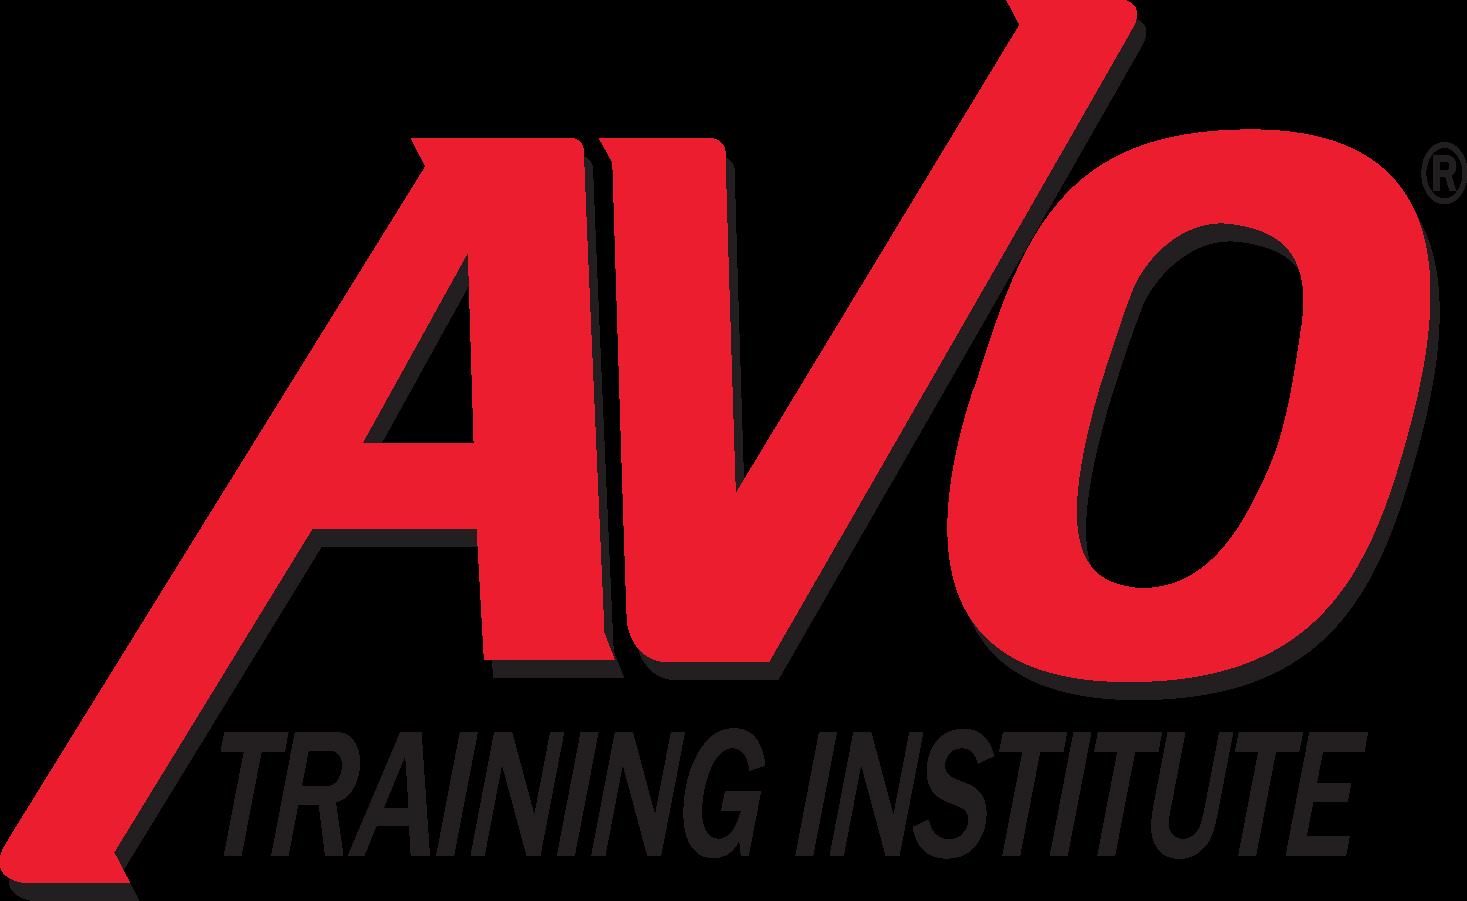 AVO Training Institute